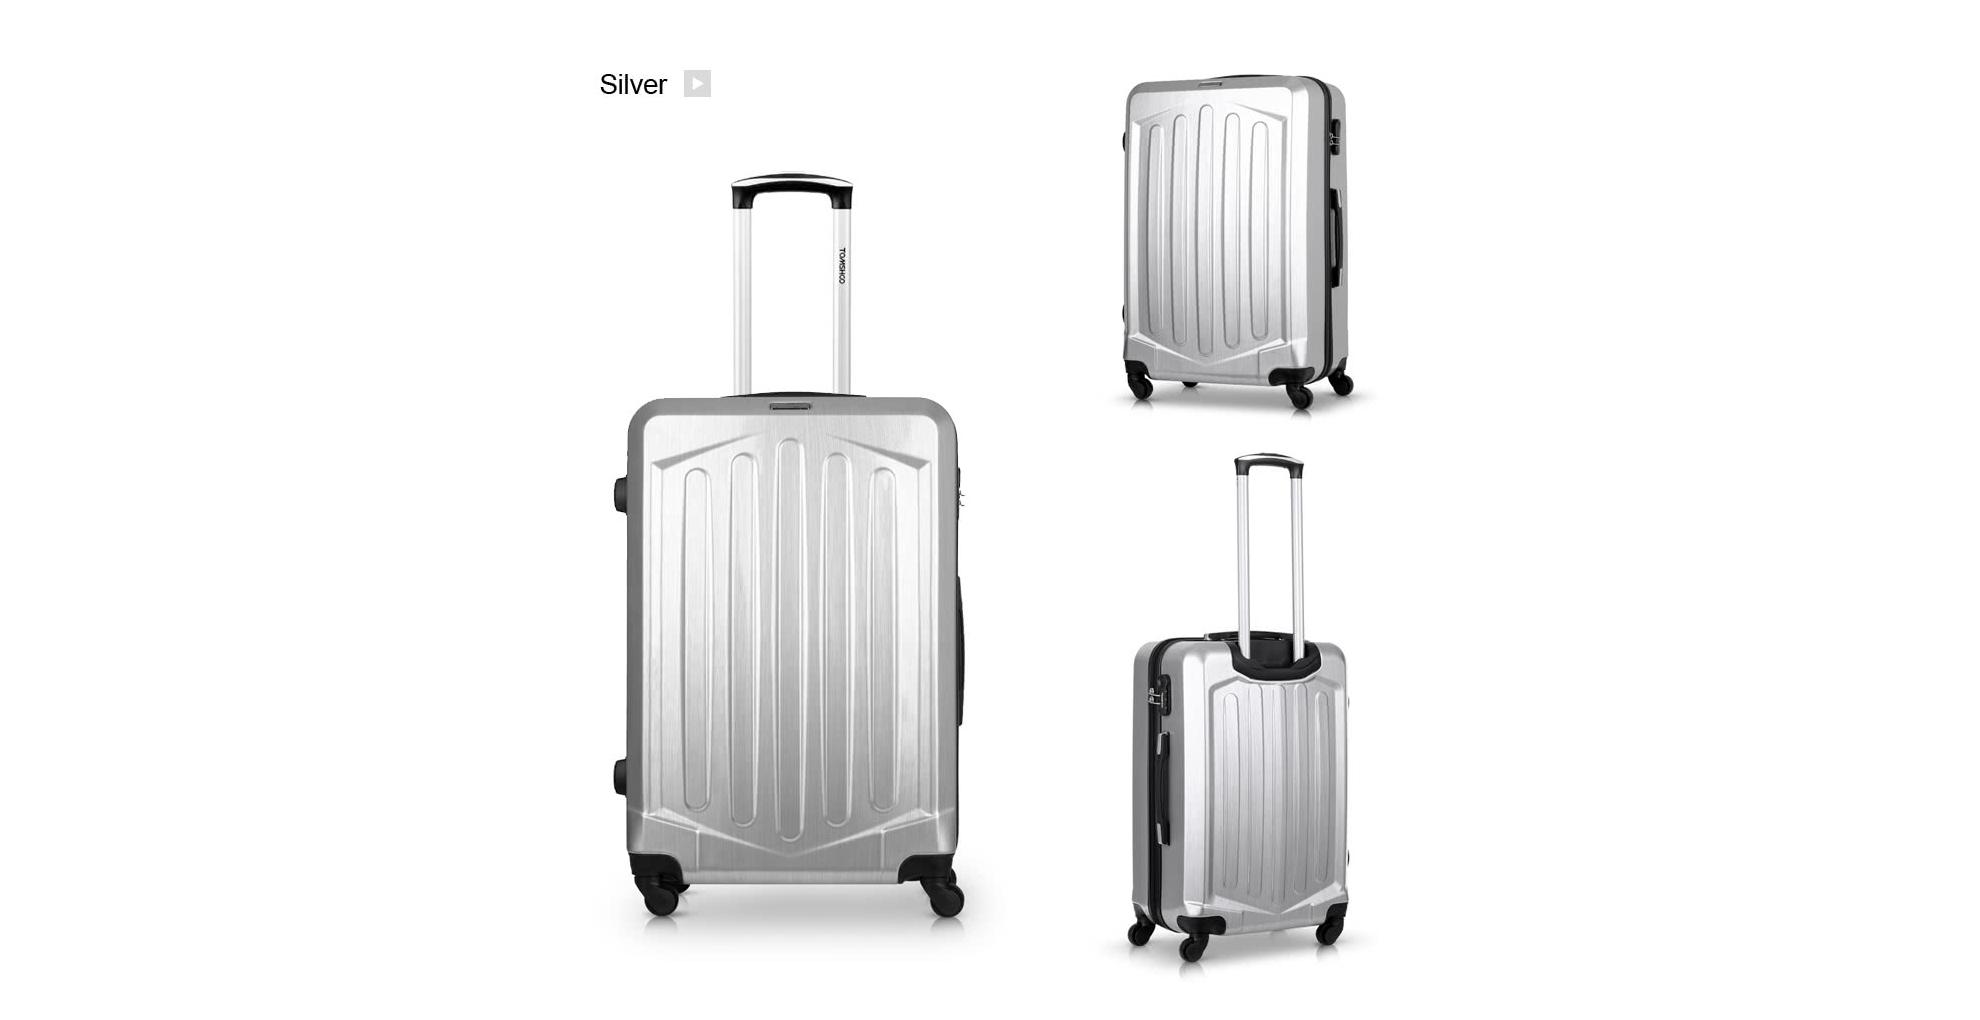 Skvělá a bytelná zavazadla jen nyní za pár korun! [sponzorovaný článek]